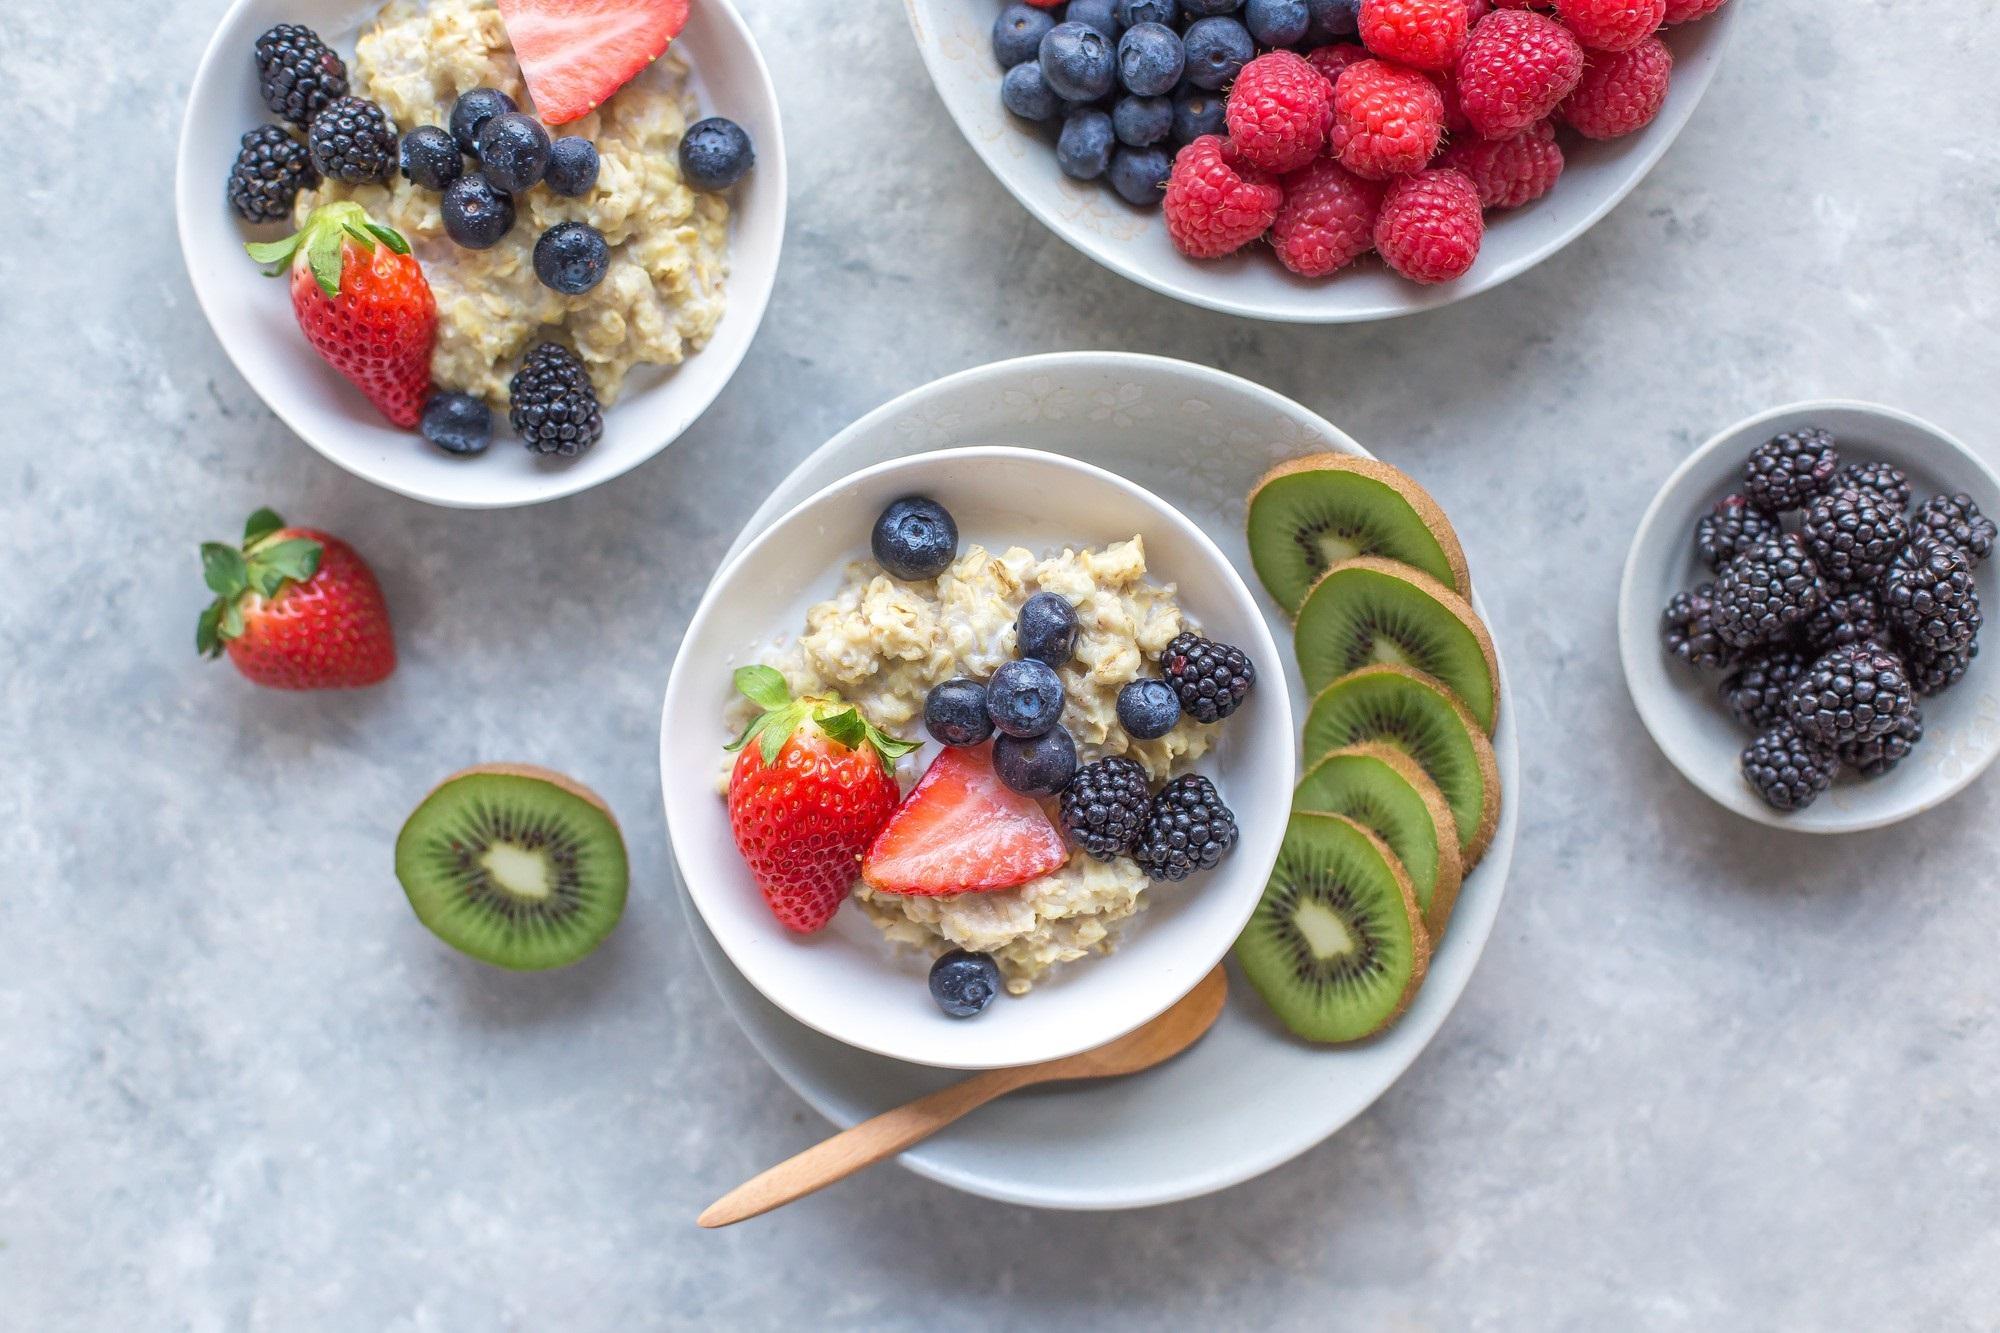 7 quy tắc ăn uống cần ghi nhớ khi thực hiện chế độ Detox kết hợp ăn uống - Ảnh 2